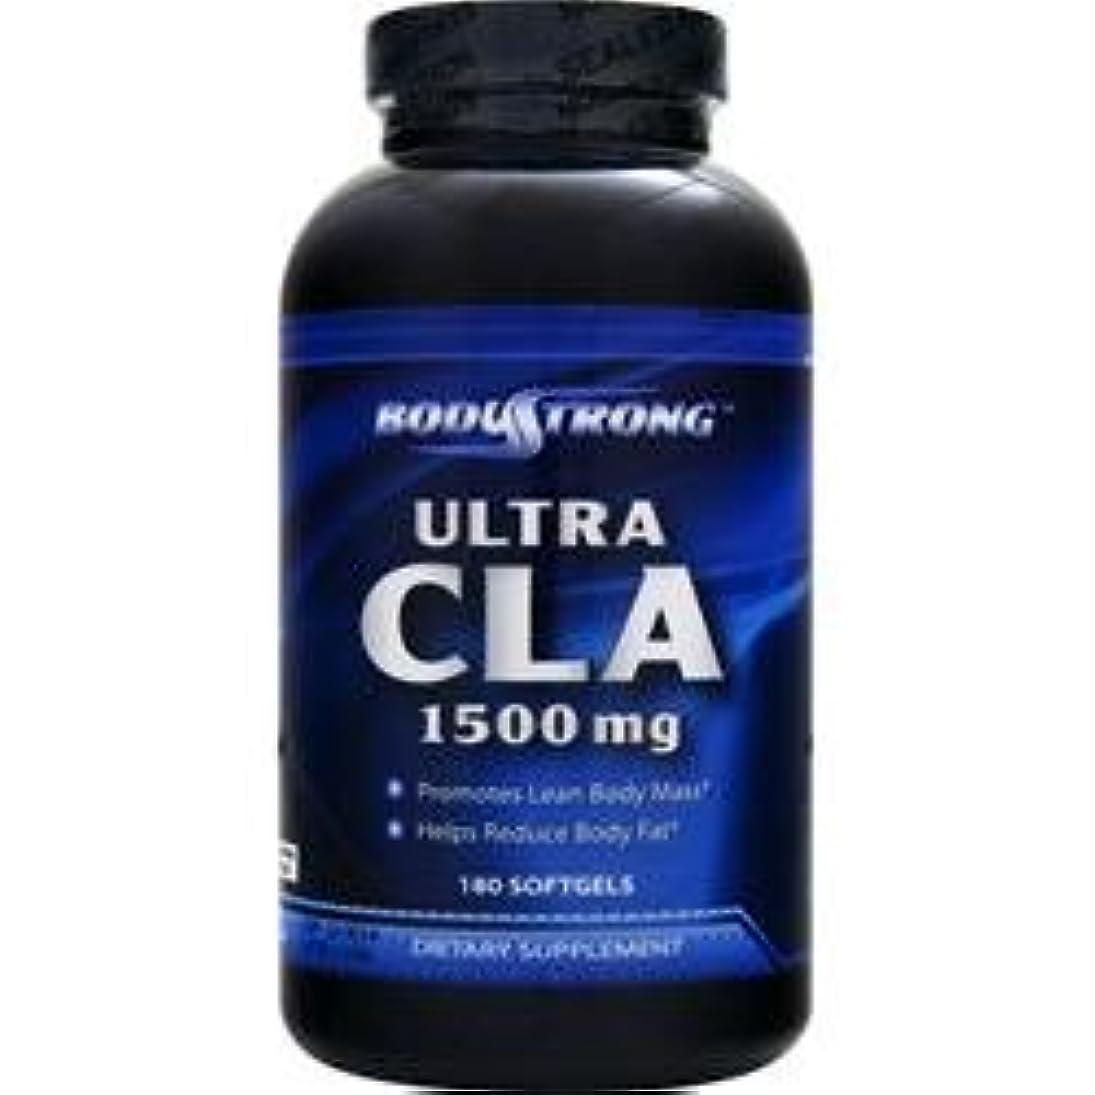 コピー和解する機構BodyStrong ウルトラCLA 1500mg (Ultra CLA) (180ソフトジェル)